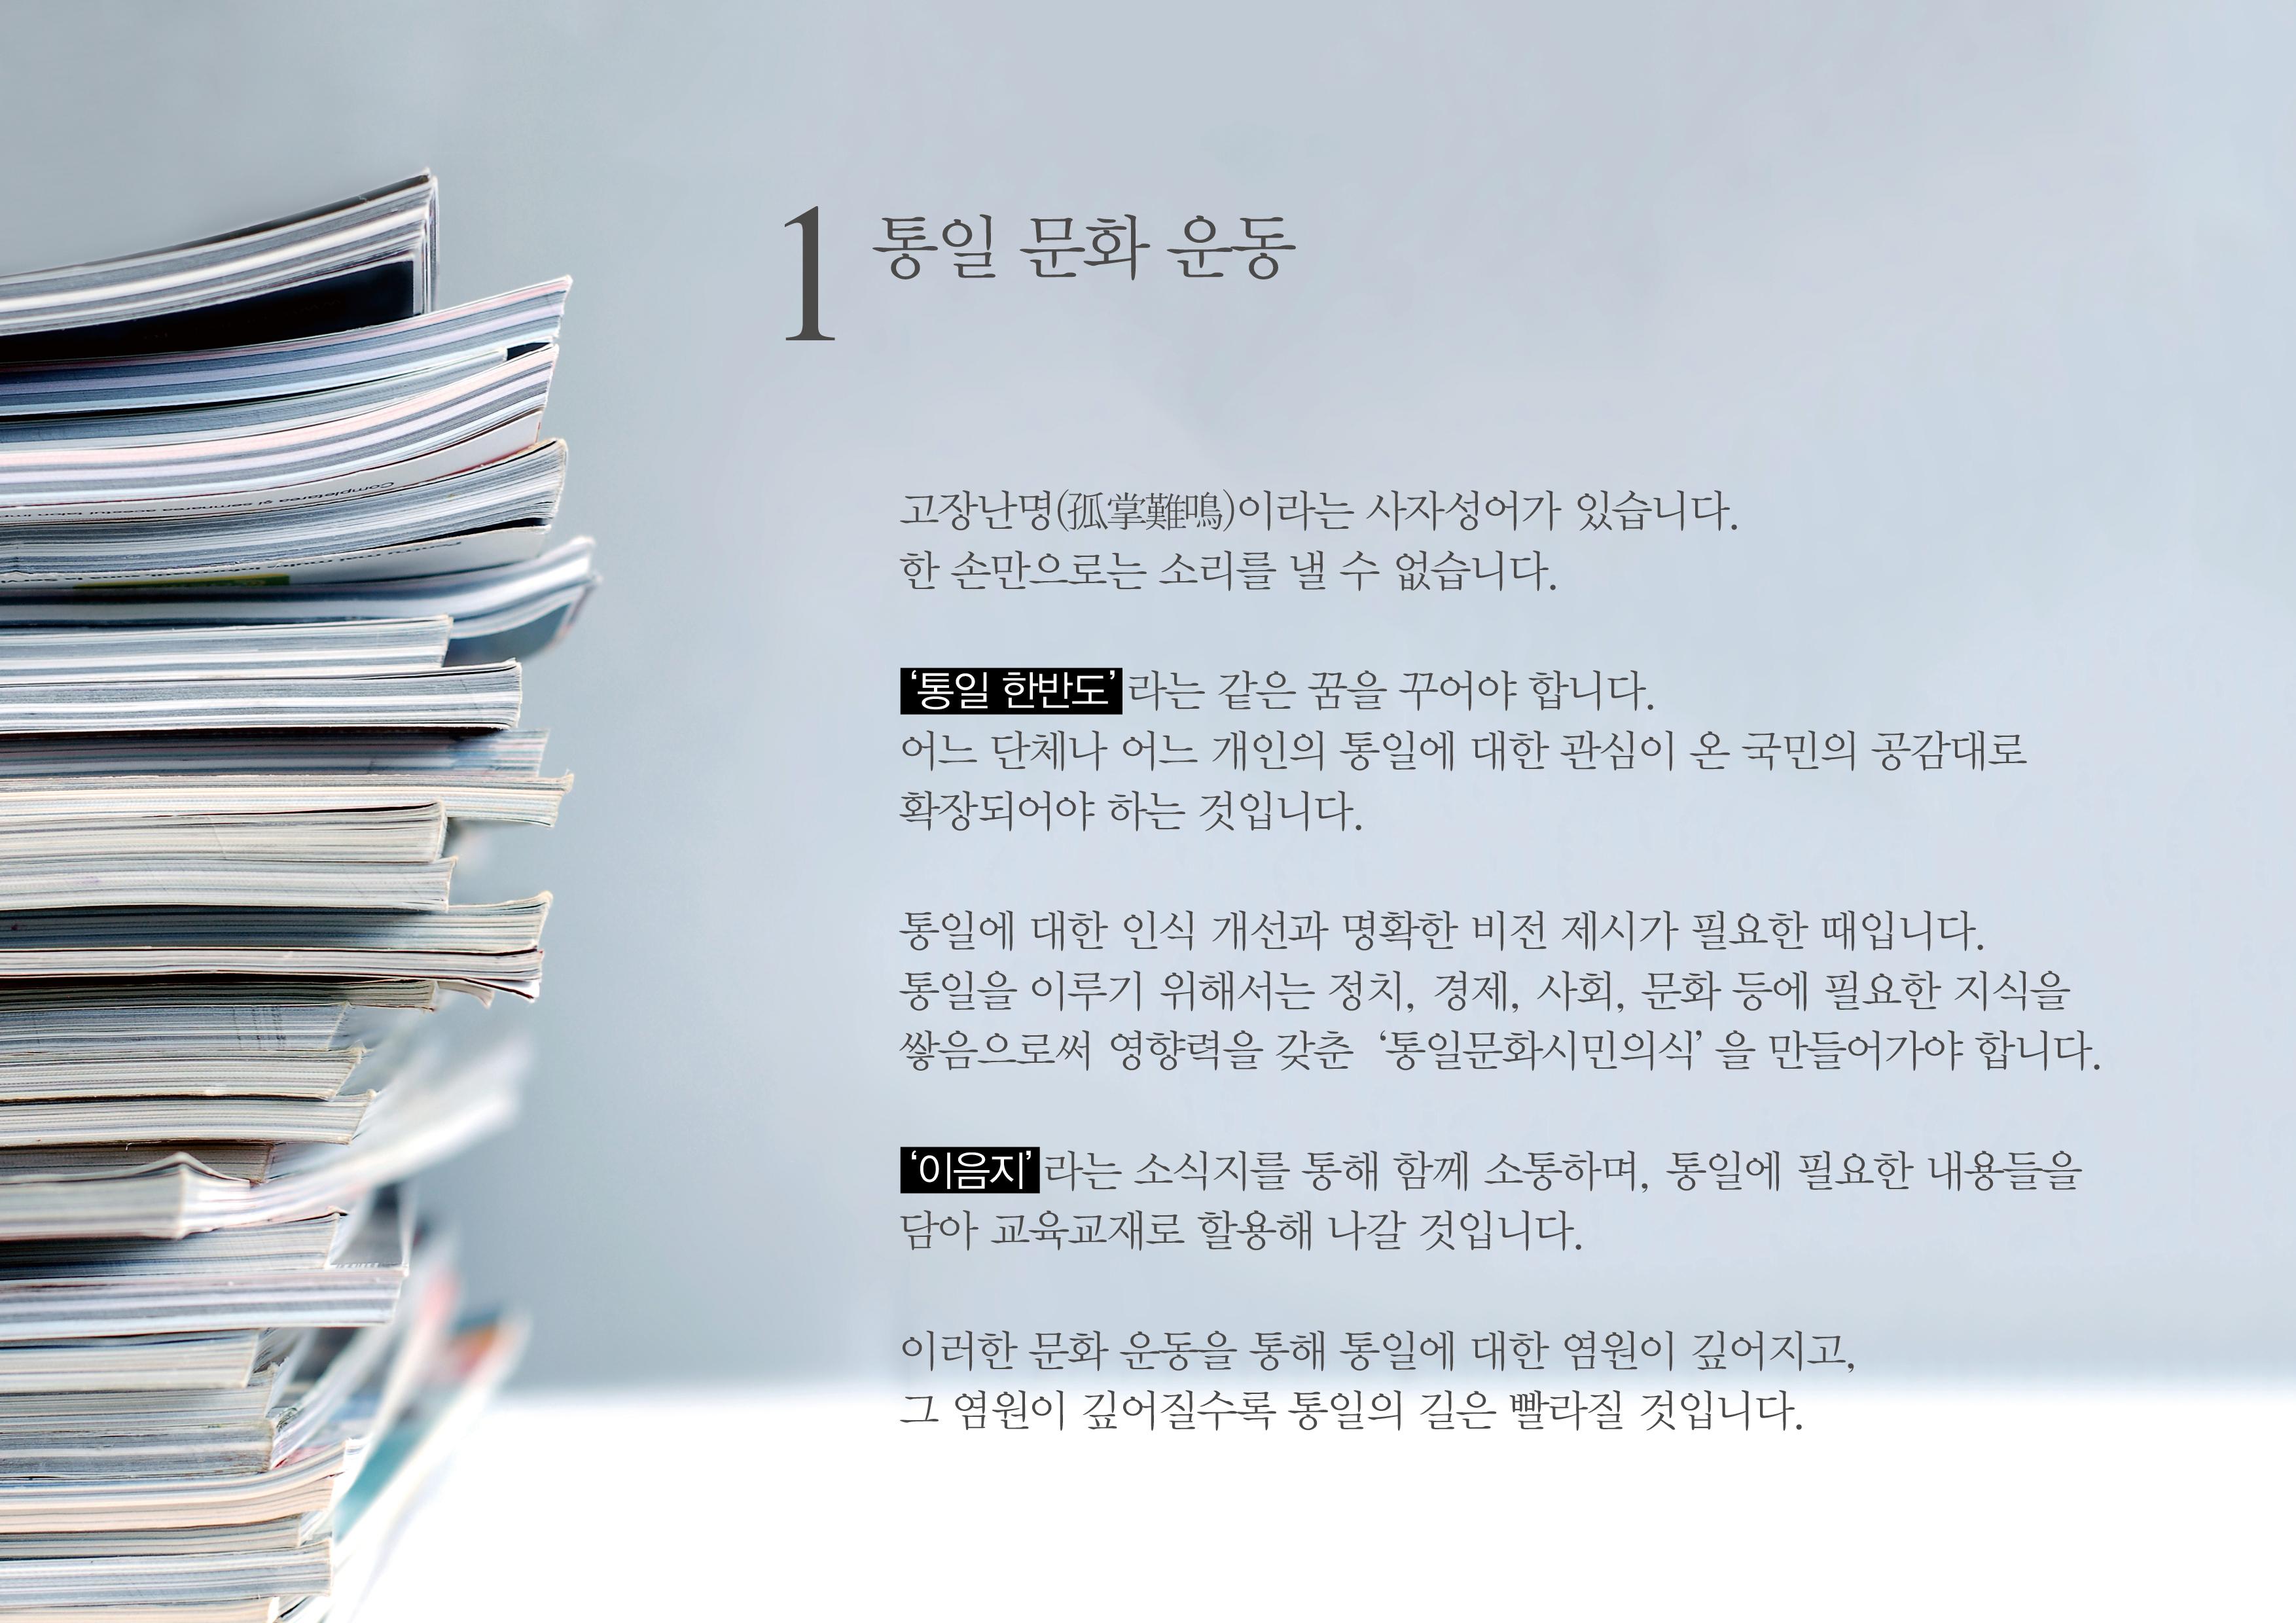 민족통일에스라운동협의회_최종12.jpg